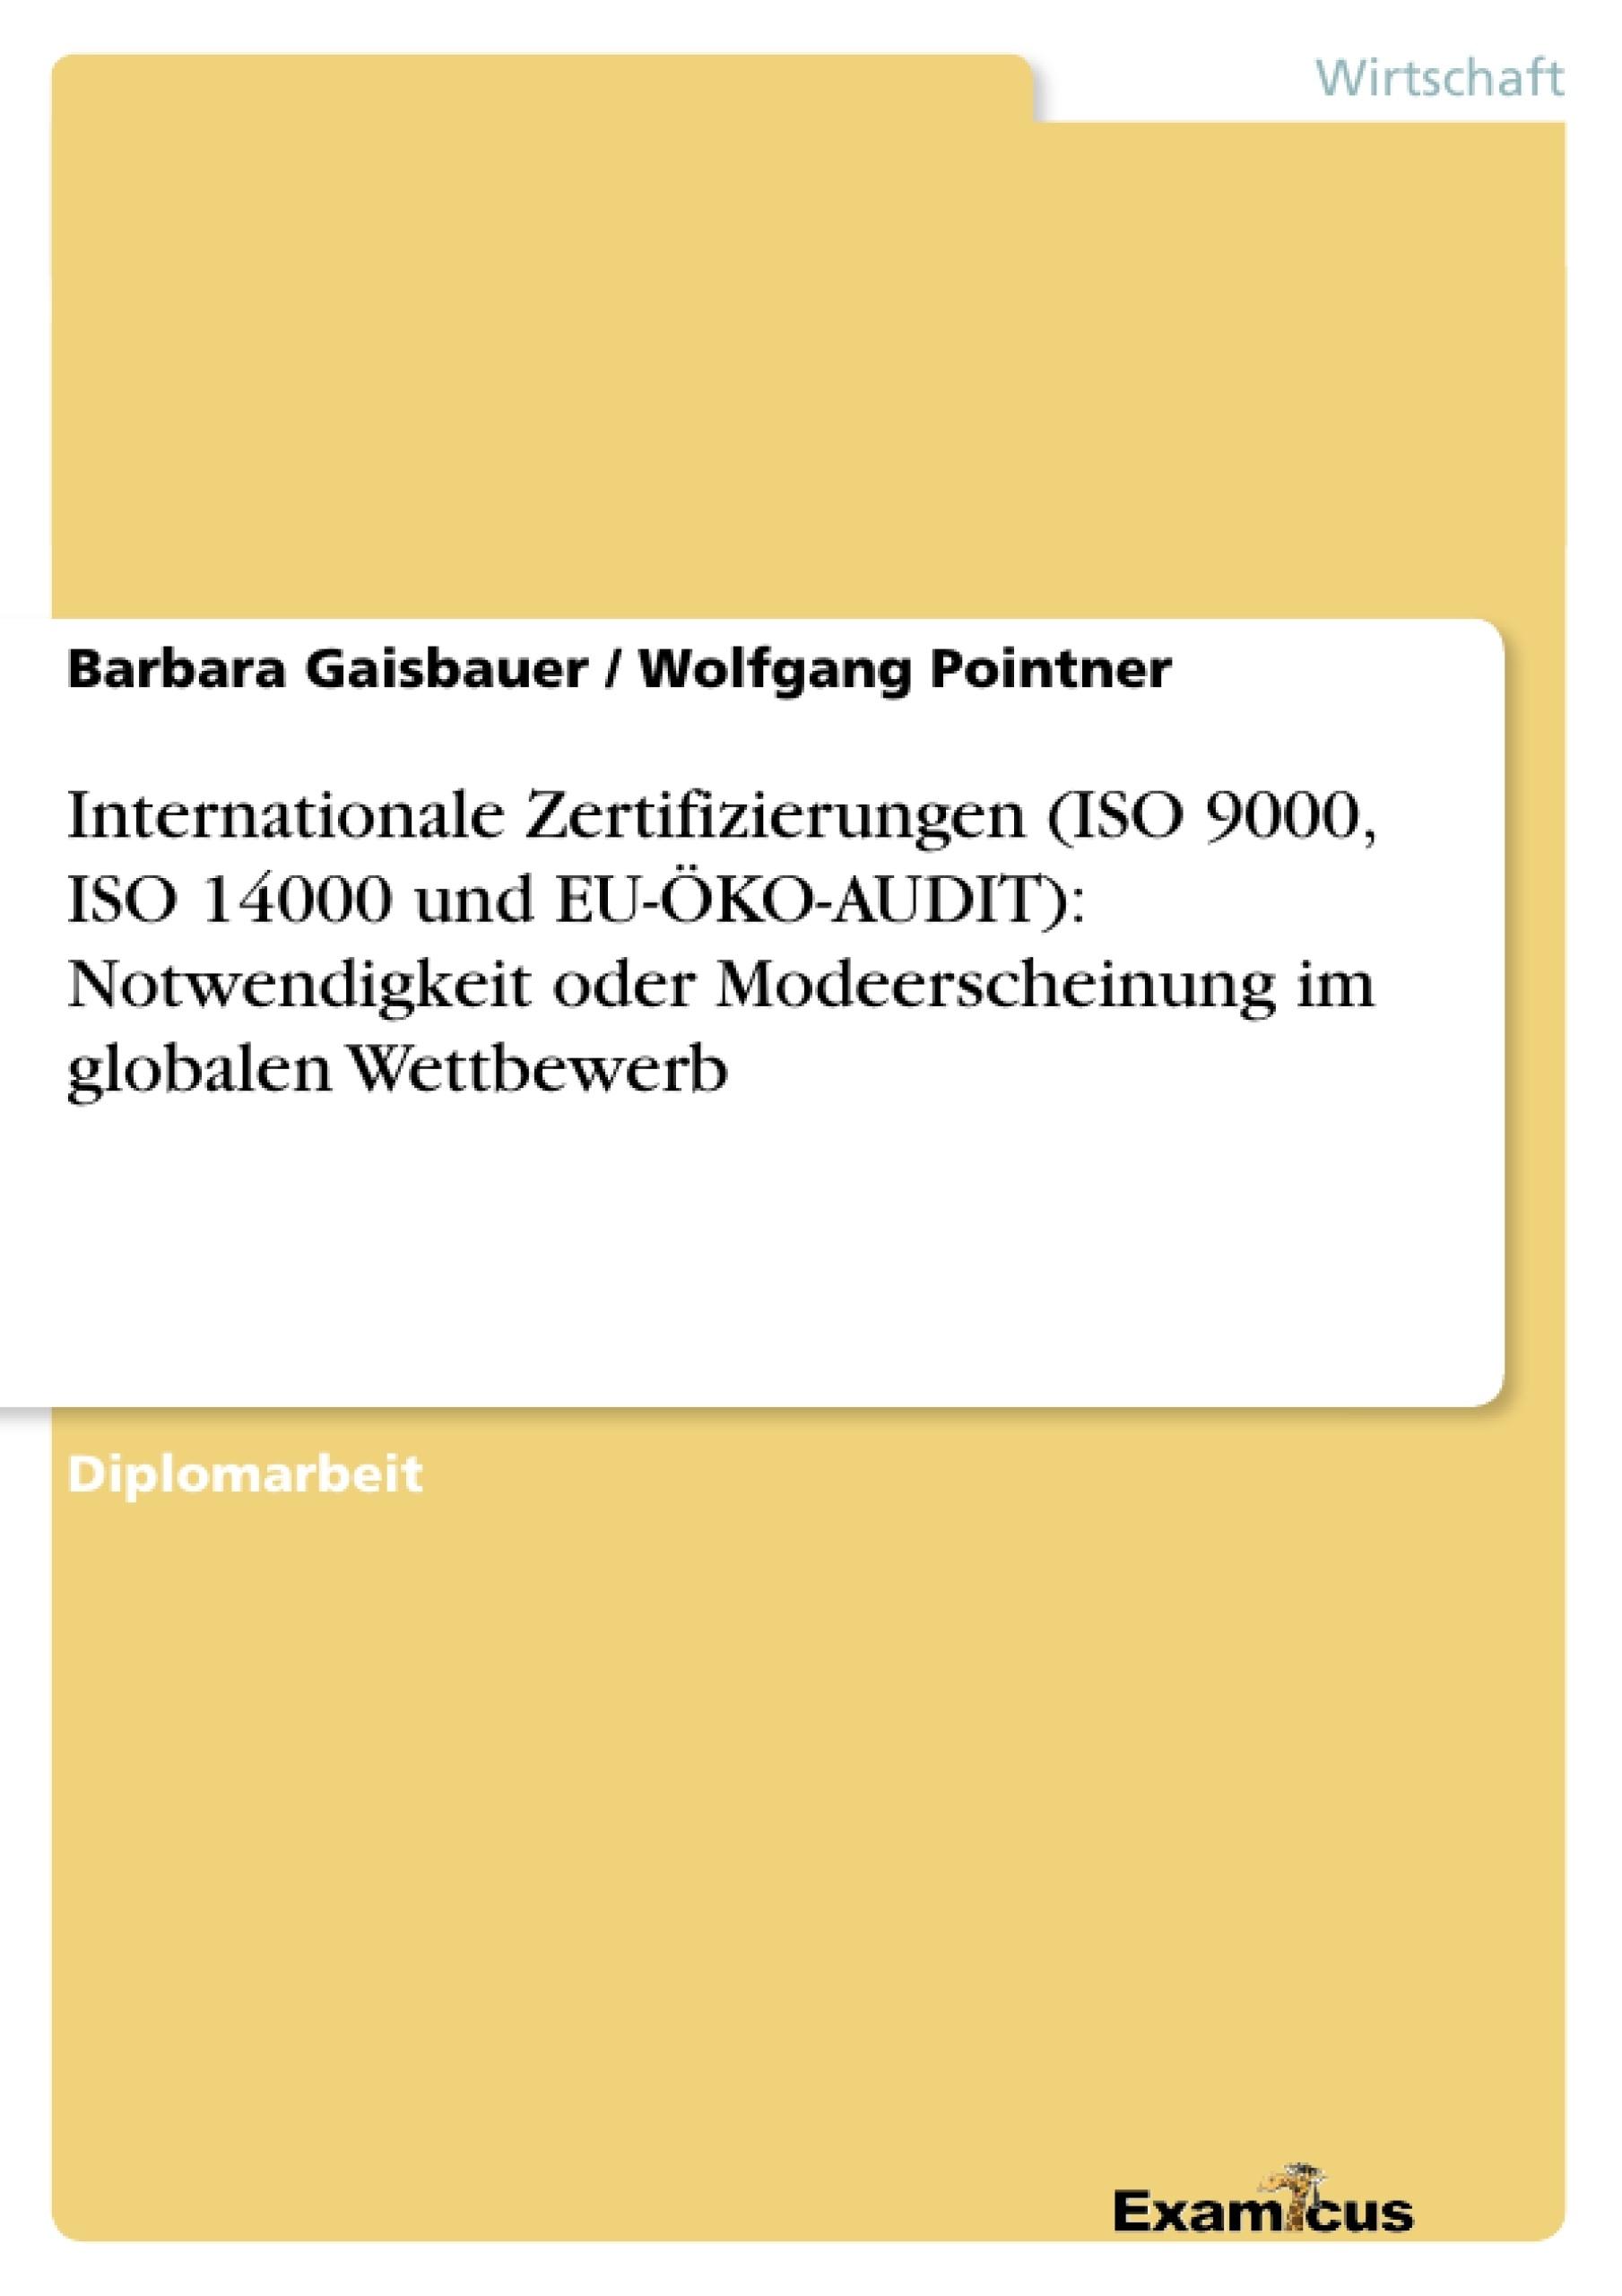 Titel: Internationale Zertifizierungen (ISO 9000, ISO 14000 und EU-ÖKO-AUDIT): Notwendigkeit oder Modeerscheinung im globalen Wettbewerb